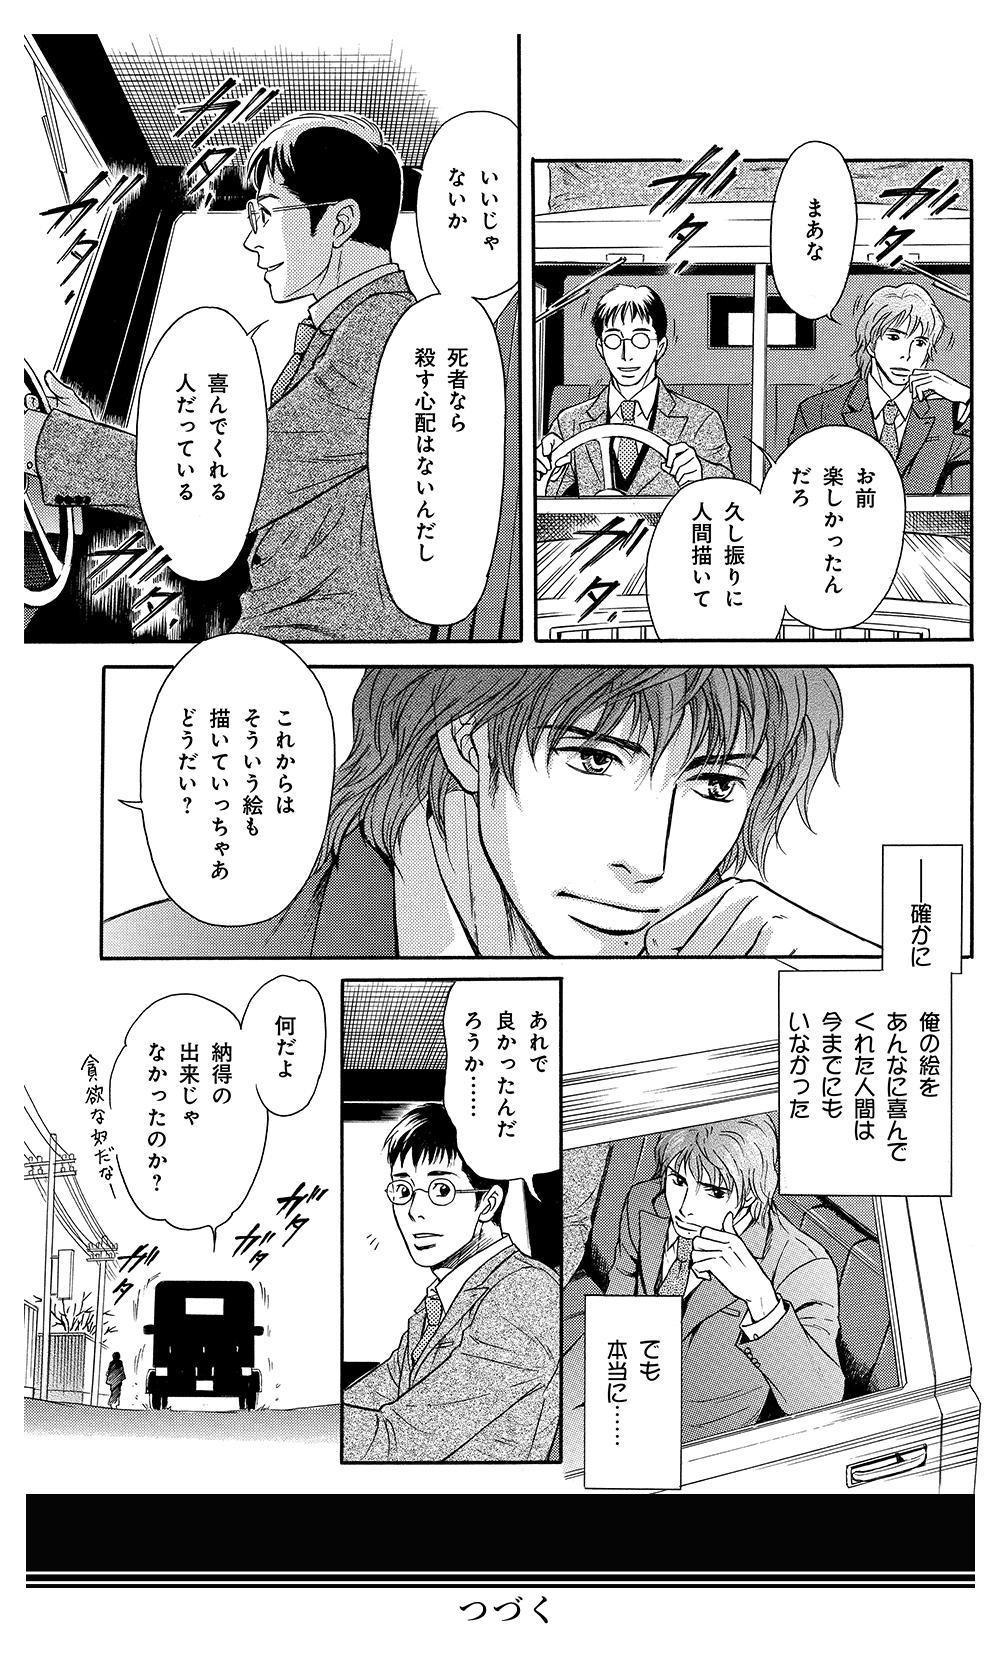 鵼の絵師 第1話「鵼の絵師」①more.jpg